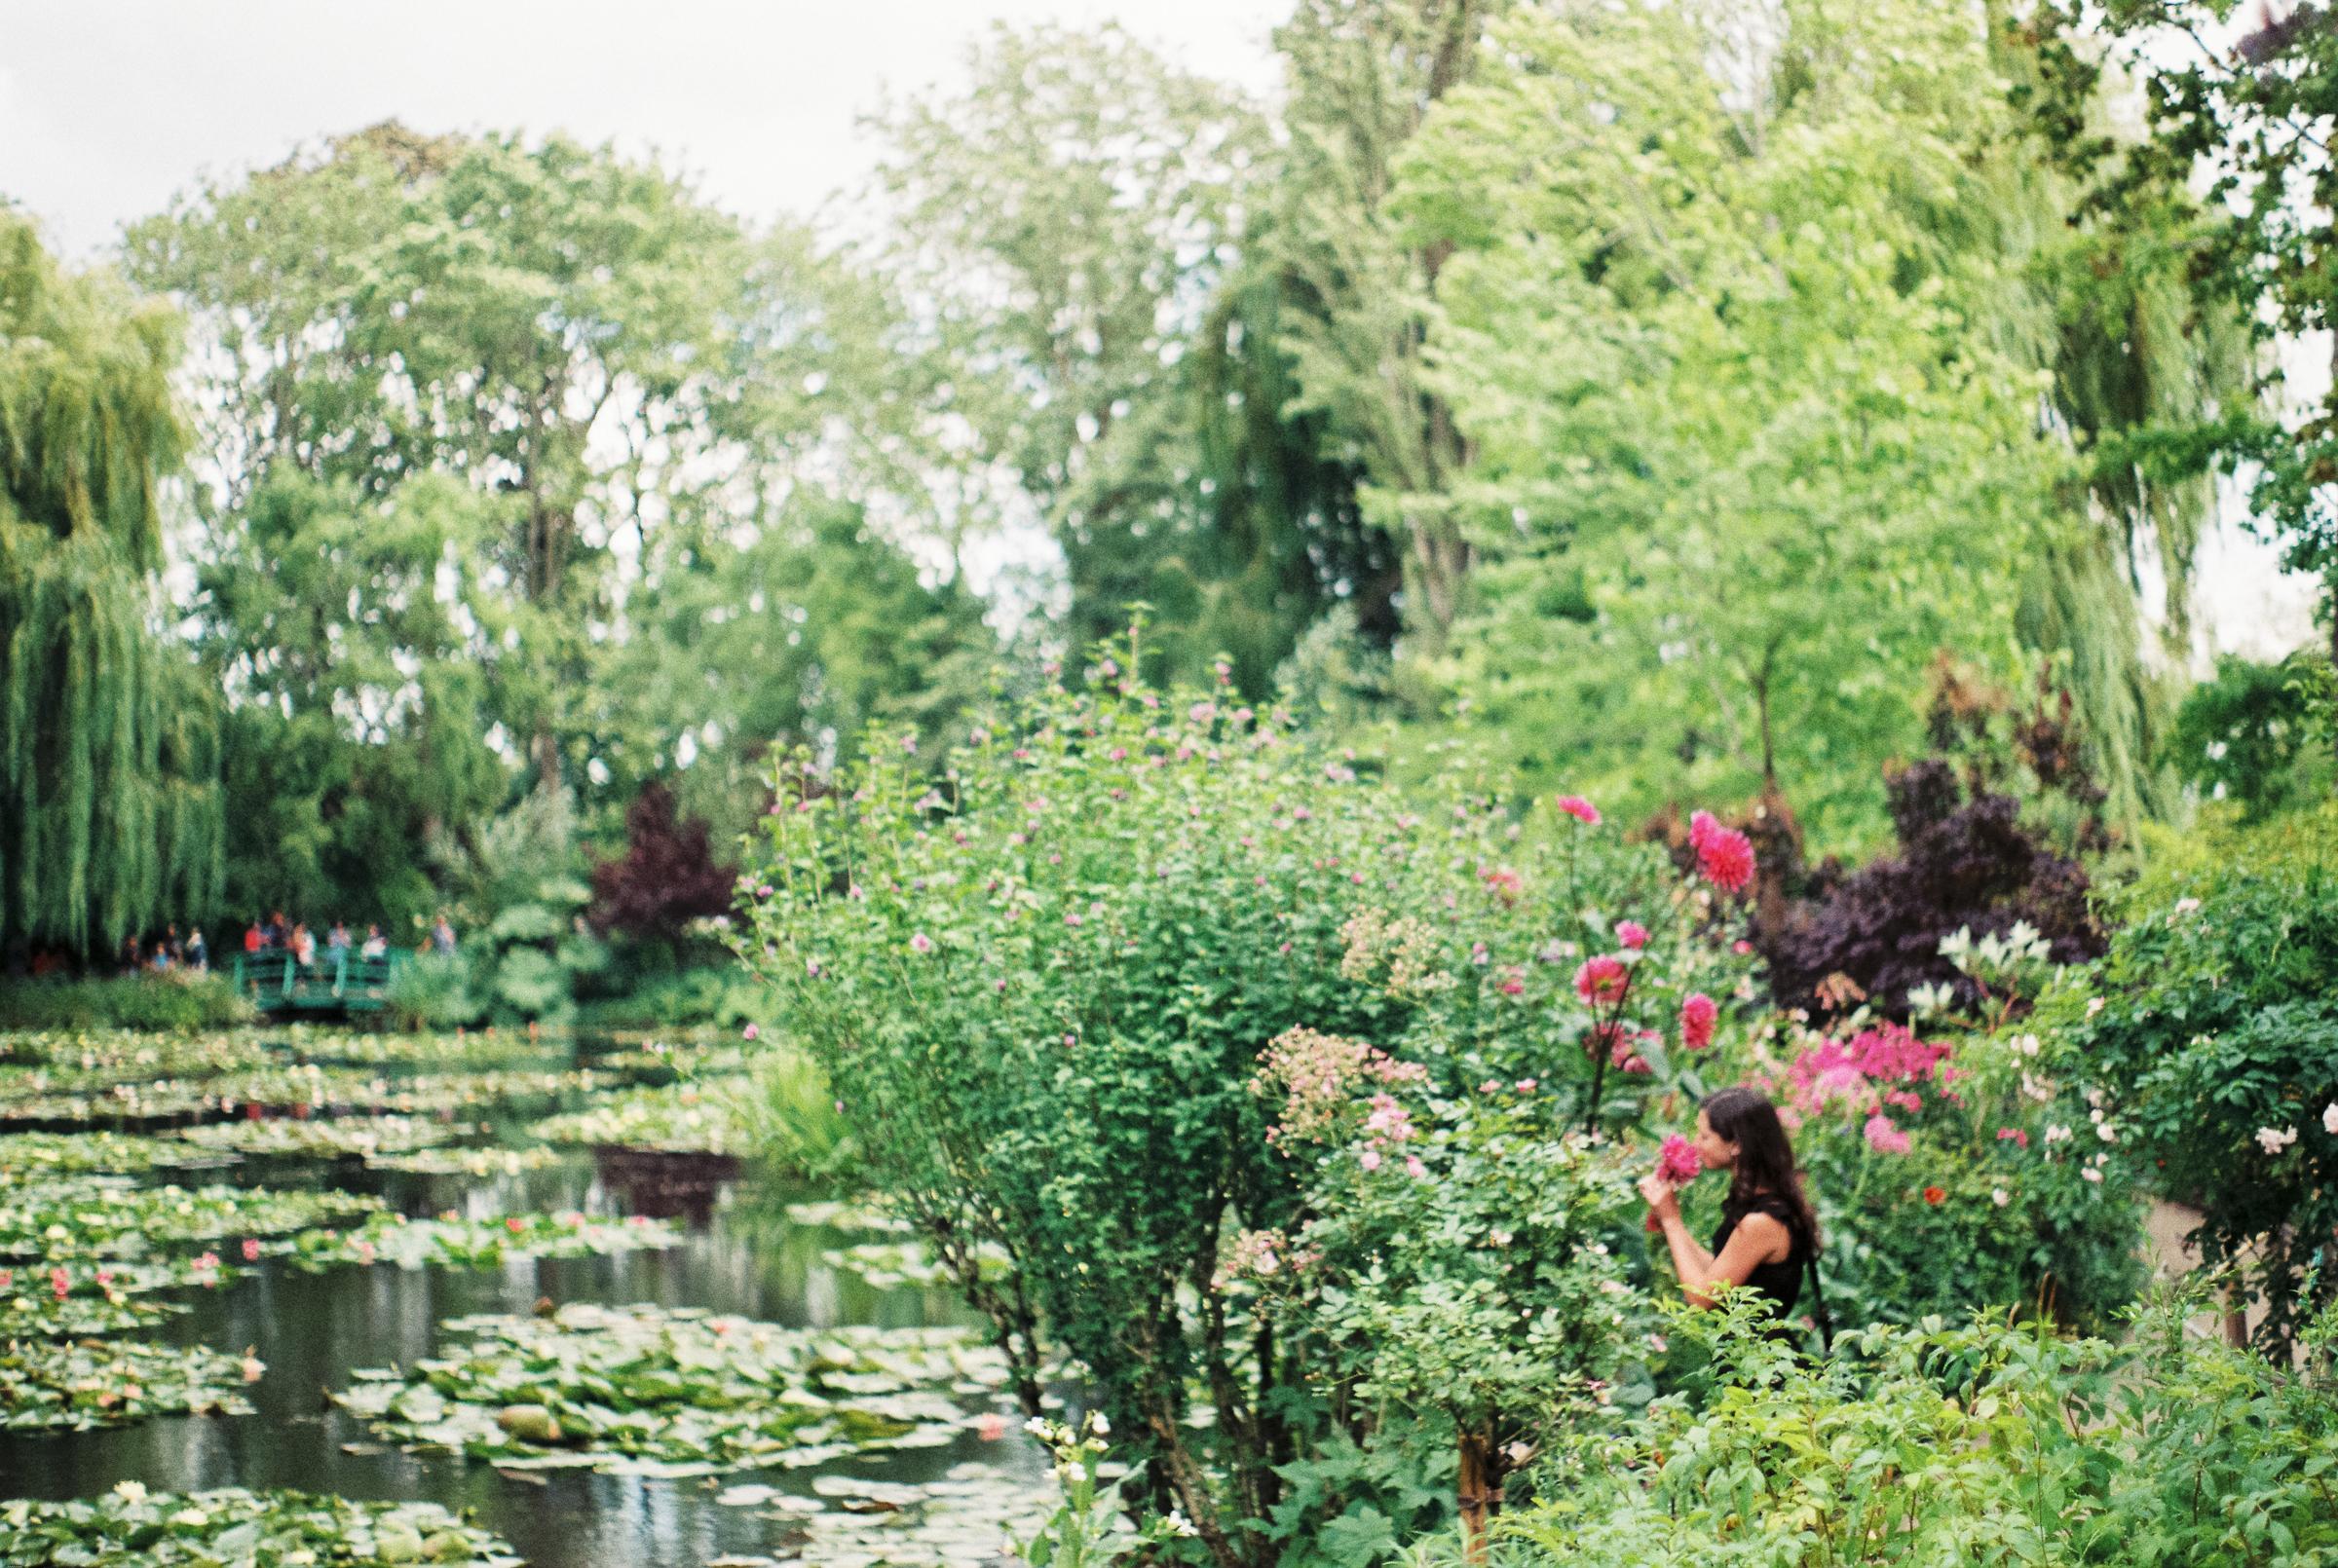 smelling-roses-monet-garden-france